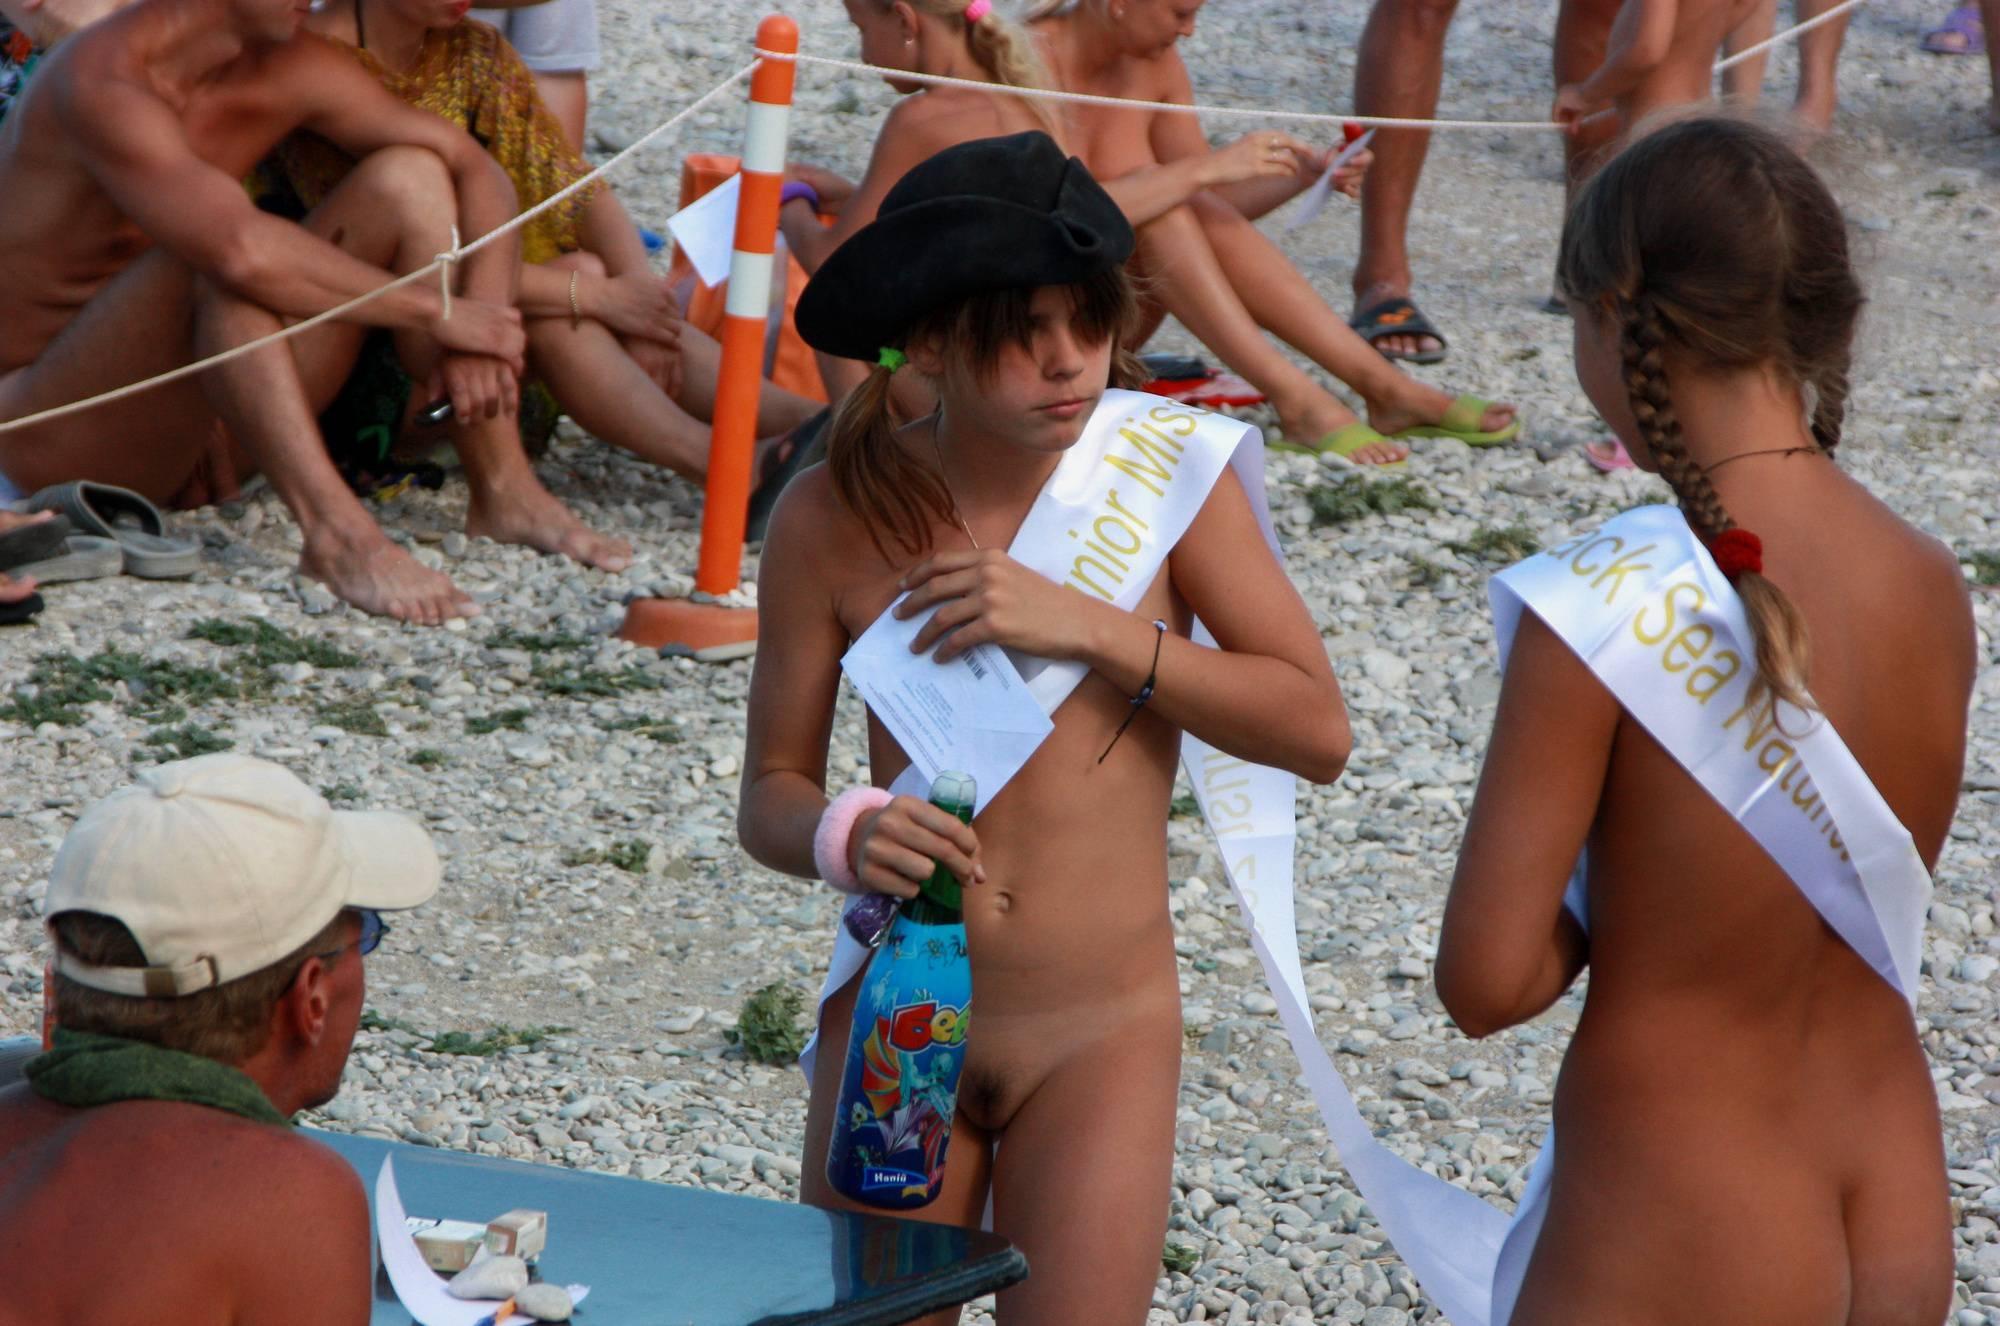 Nudist Pics Black Sea Nudist Winners - 1